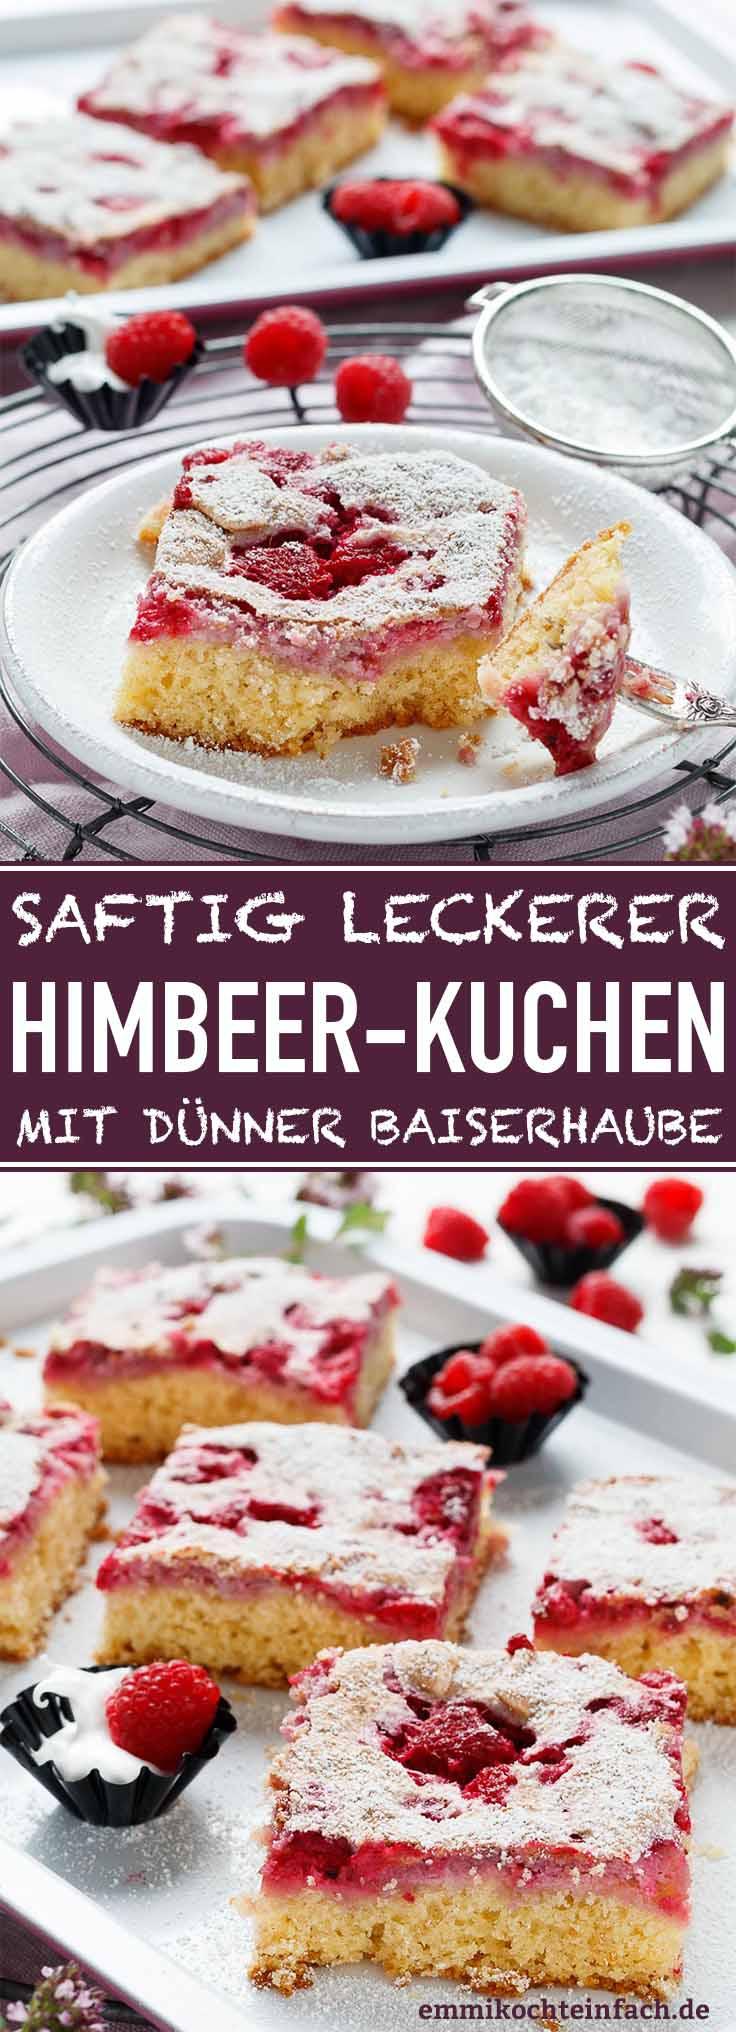 Ein leckerer Blechkuchen mit Himbeeren - www.emmikochteinfach.de